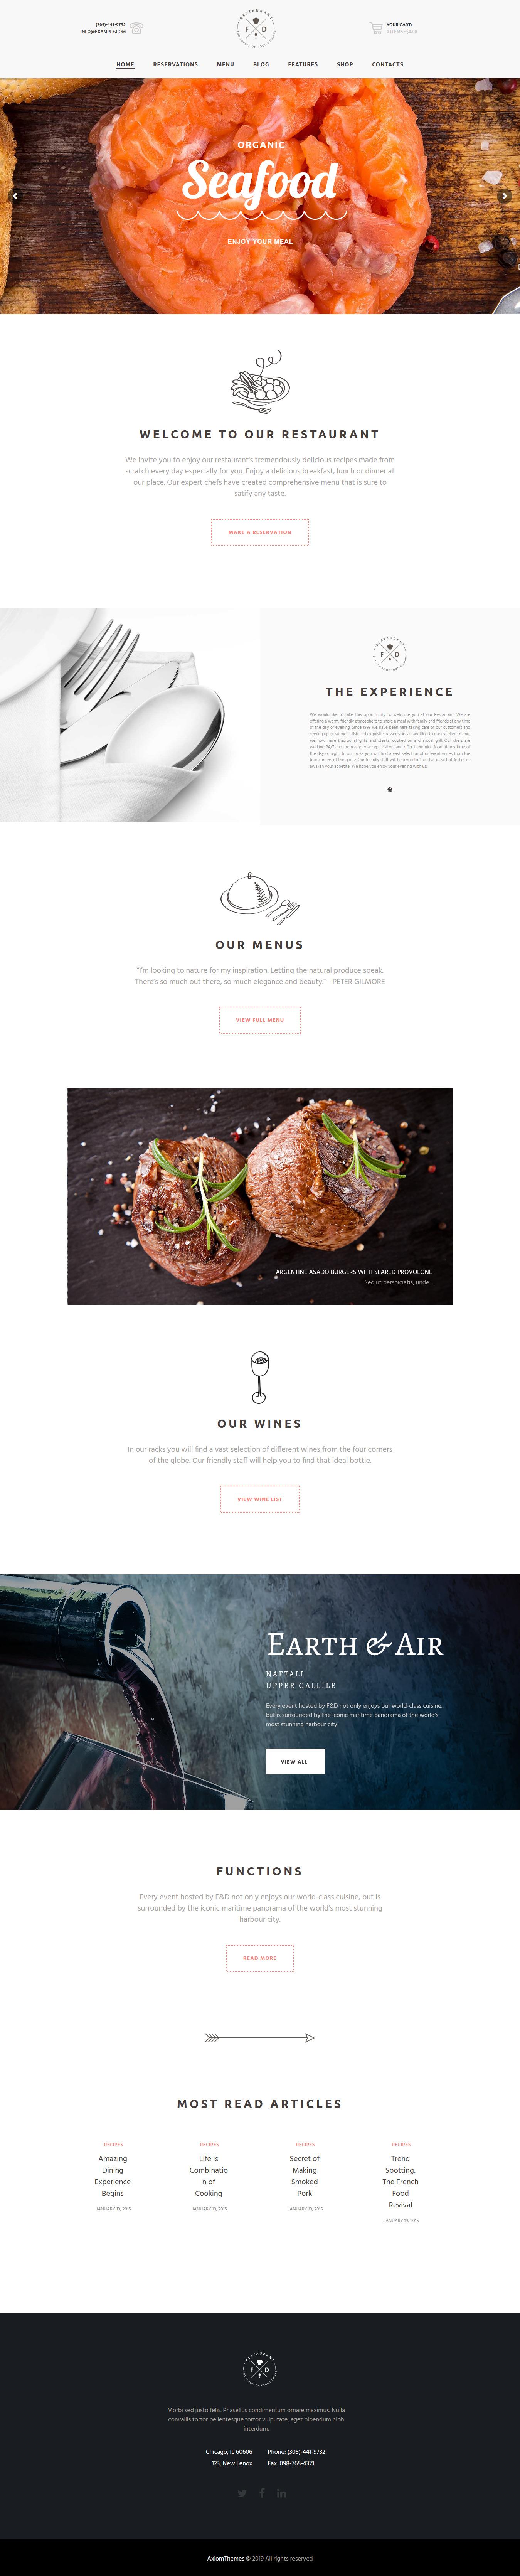 food drink best premium bar pub wordpress theme - 10+ Best Premium Bar and Pub WordPress Themes